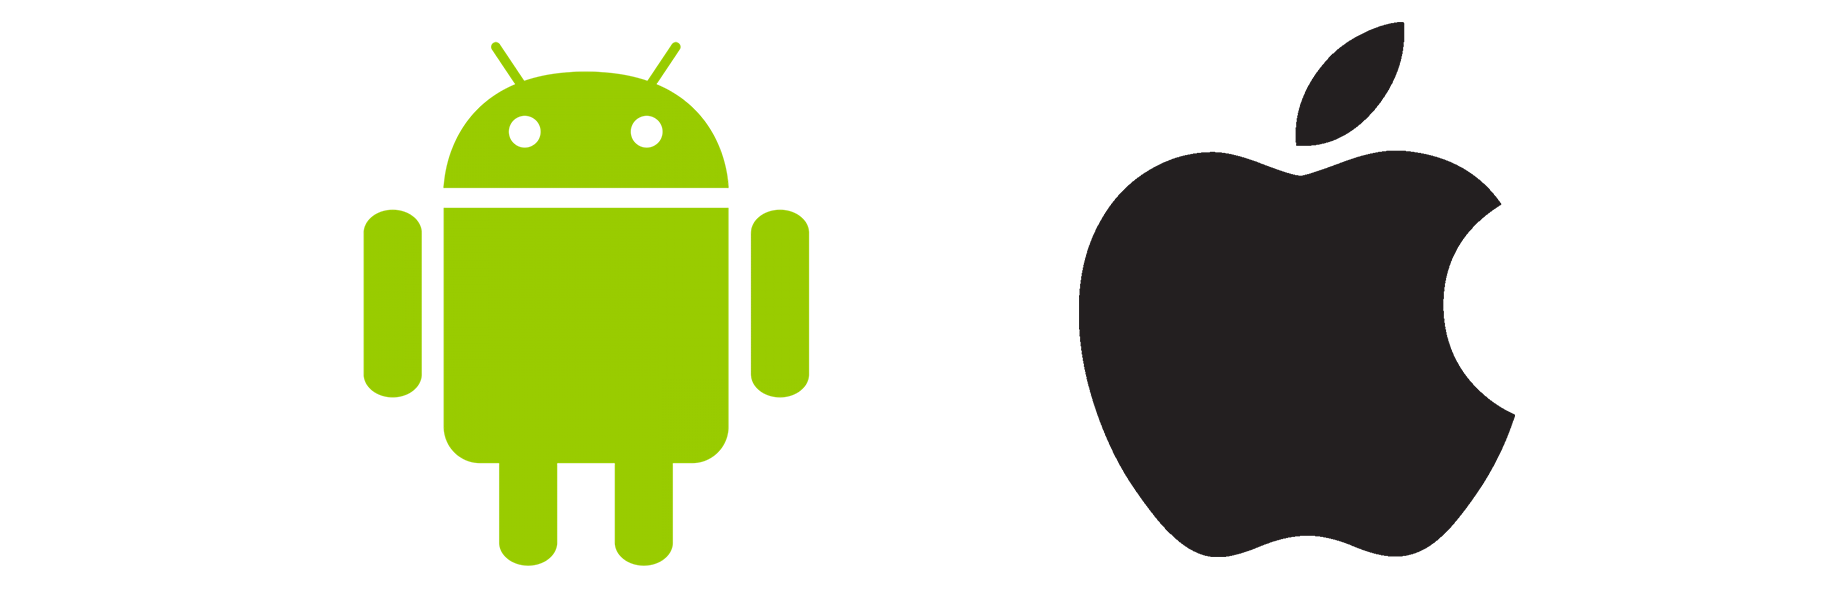 Apple'ın batarya sırları açıklandı: Android ile karşılaştırıyor mu?